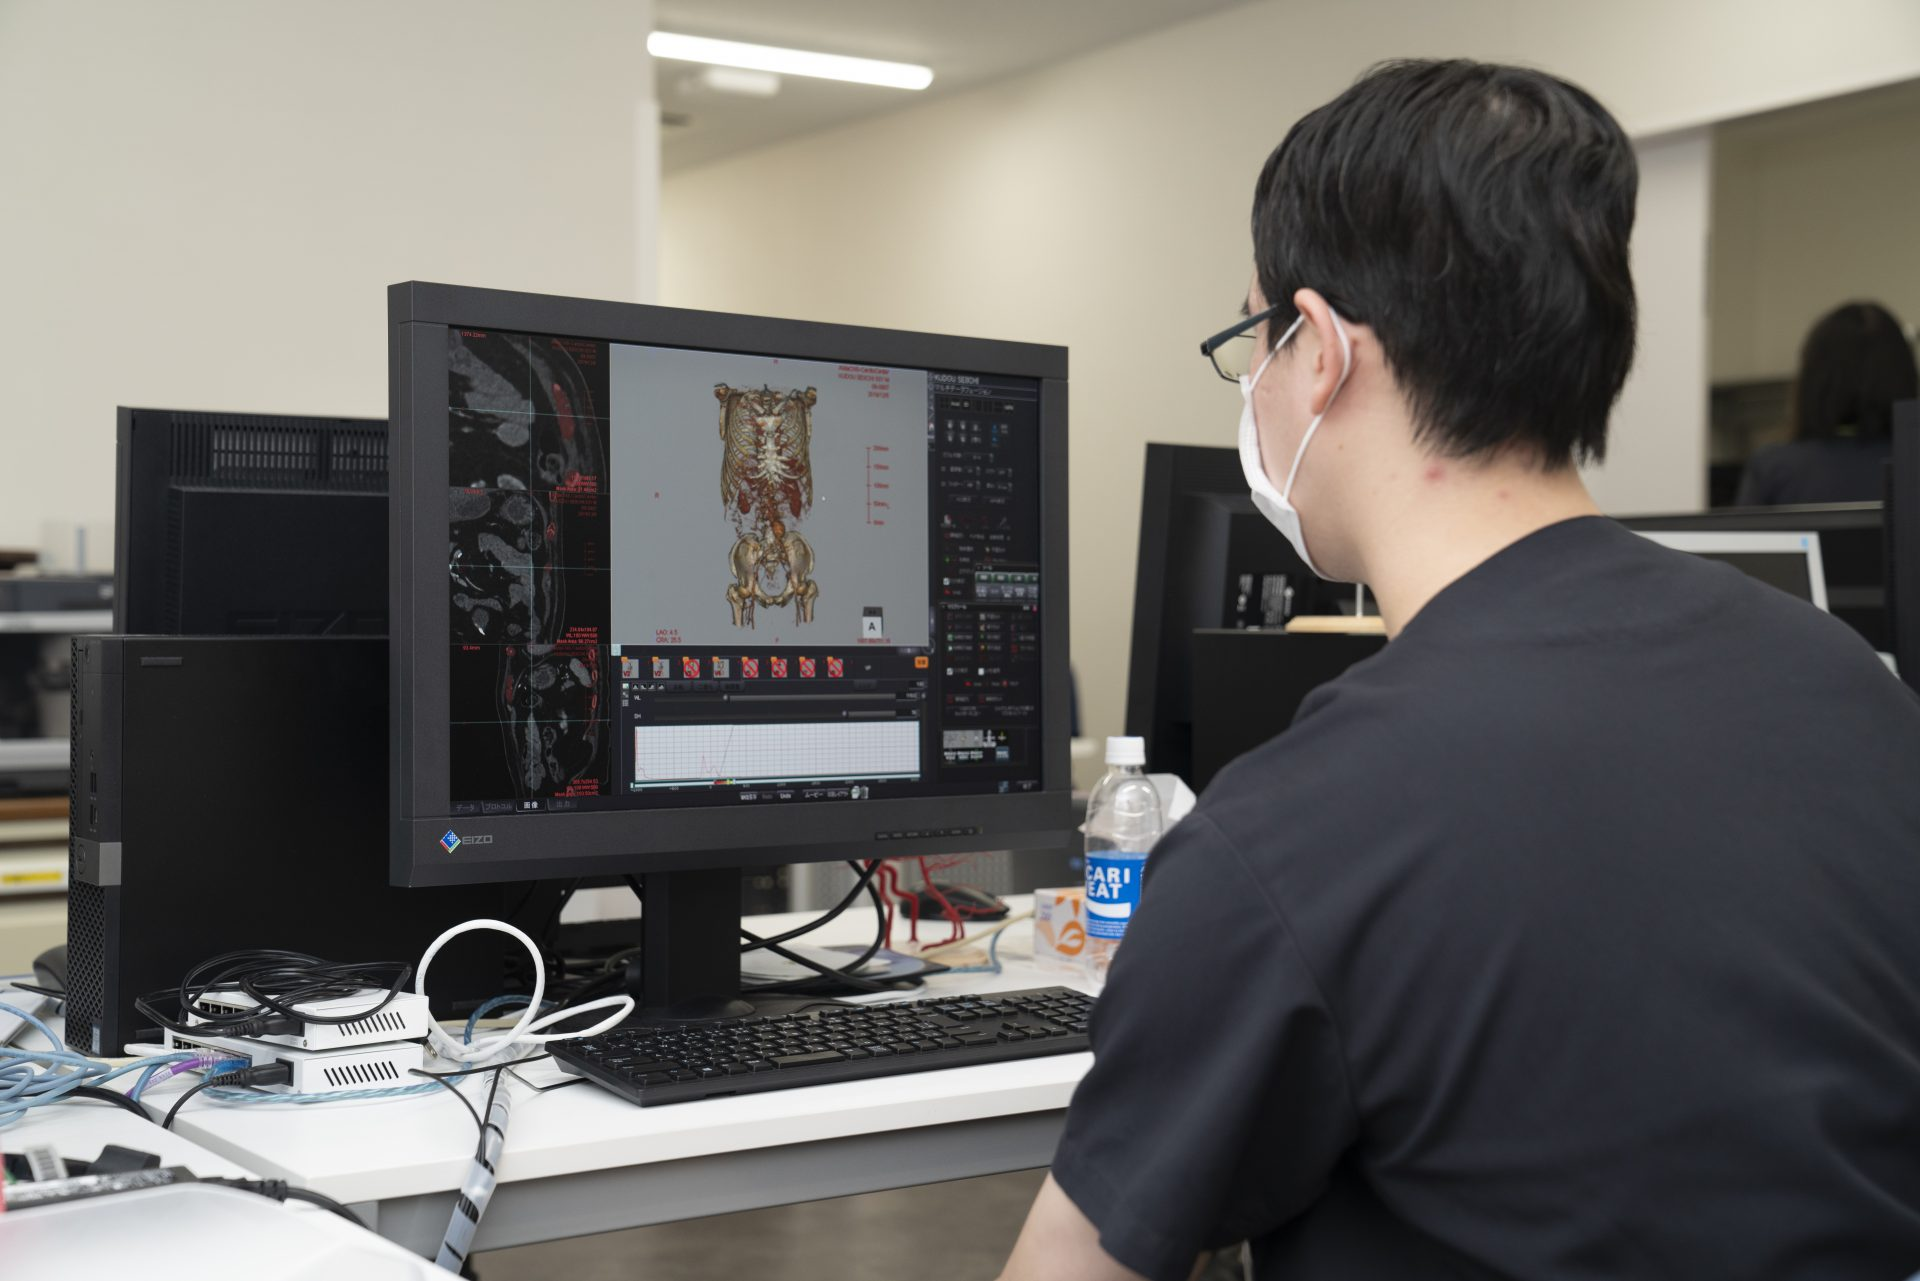 写真:診療放射線技師がパソコンを見ている後ろ姿